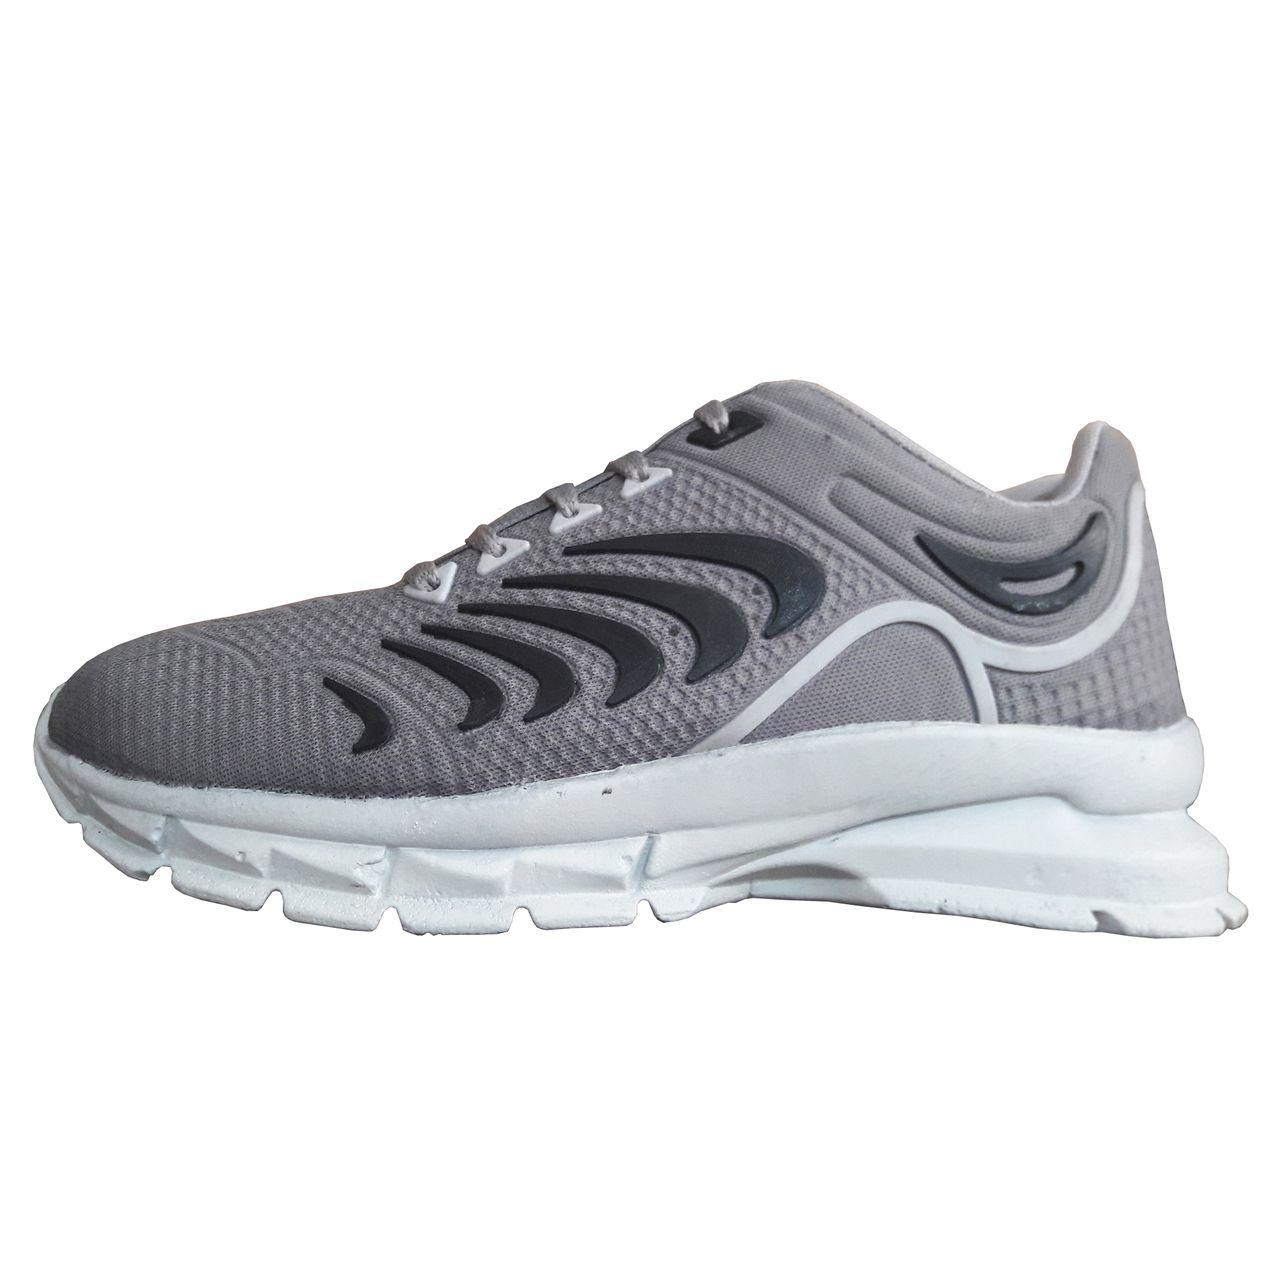 کفش پیاده روی مردانه نایکی مدل Gytiger